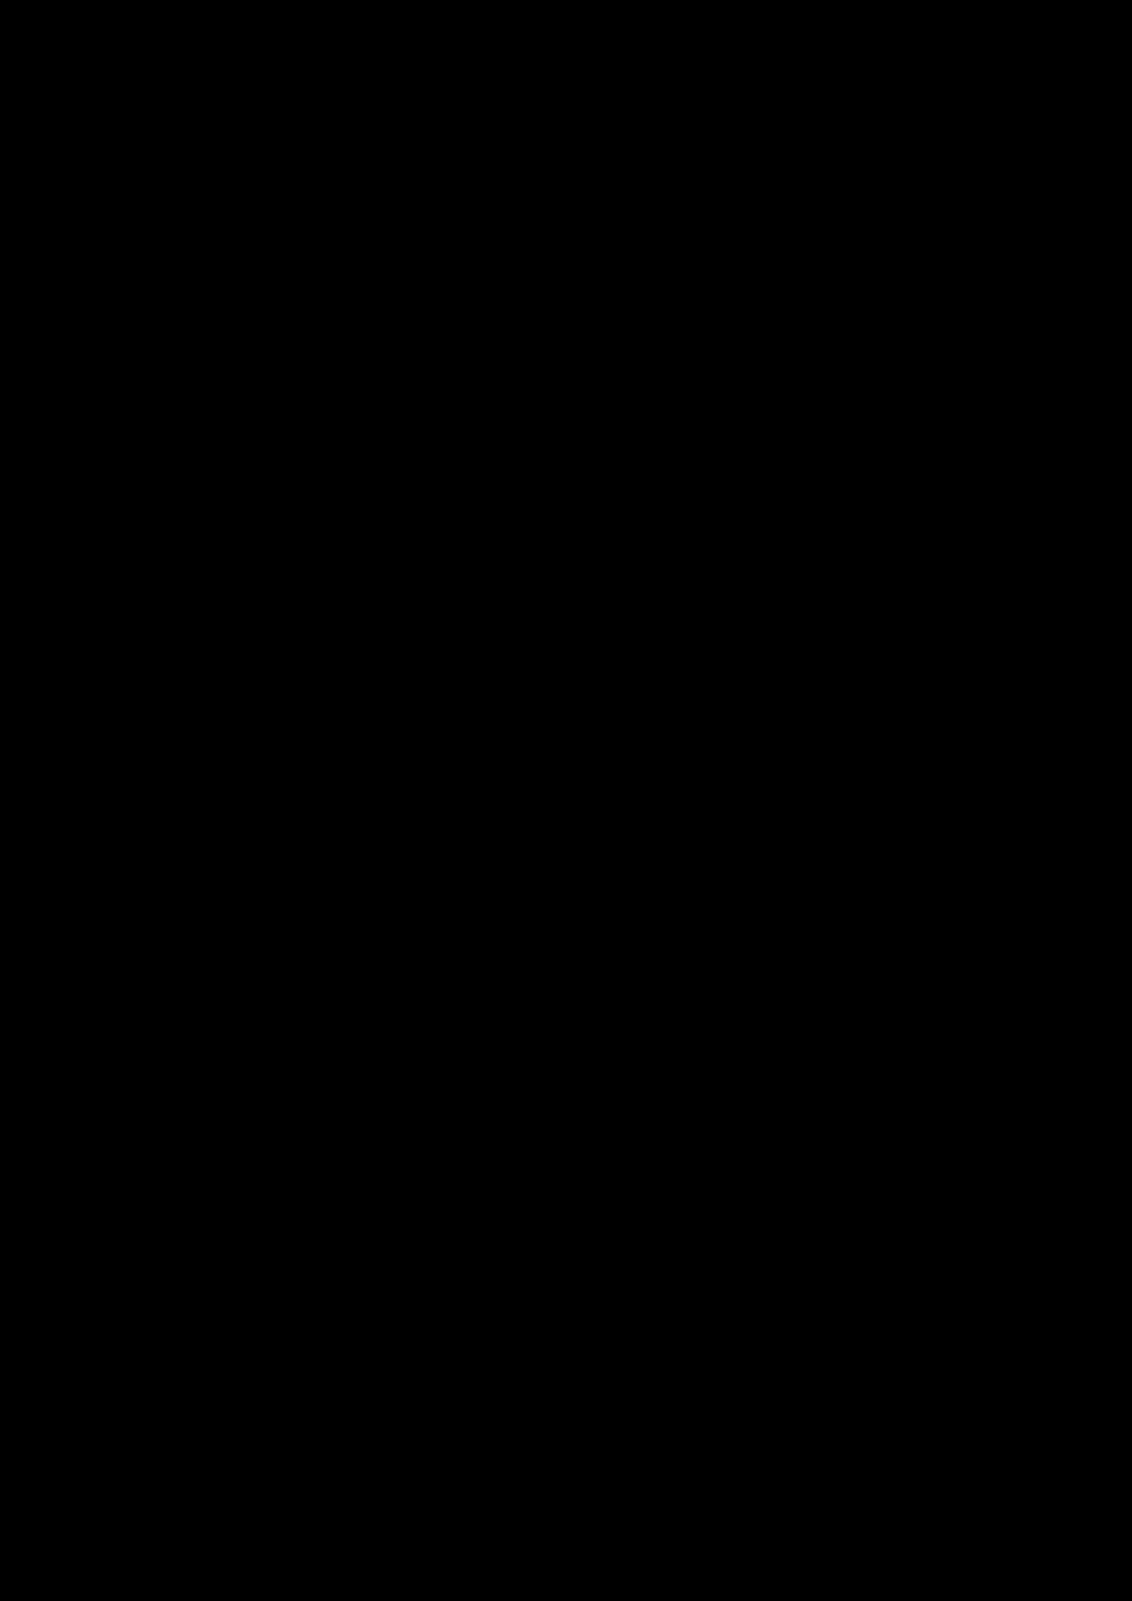 Zagadka volshebnoy stranyi slide, Image 49